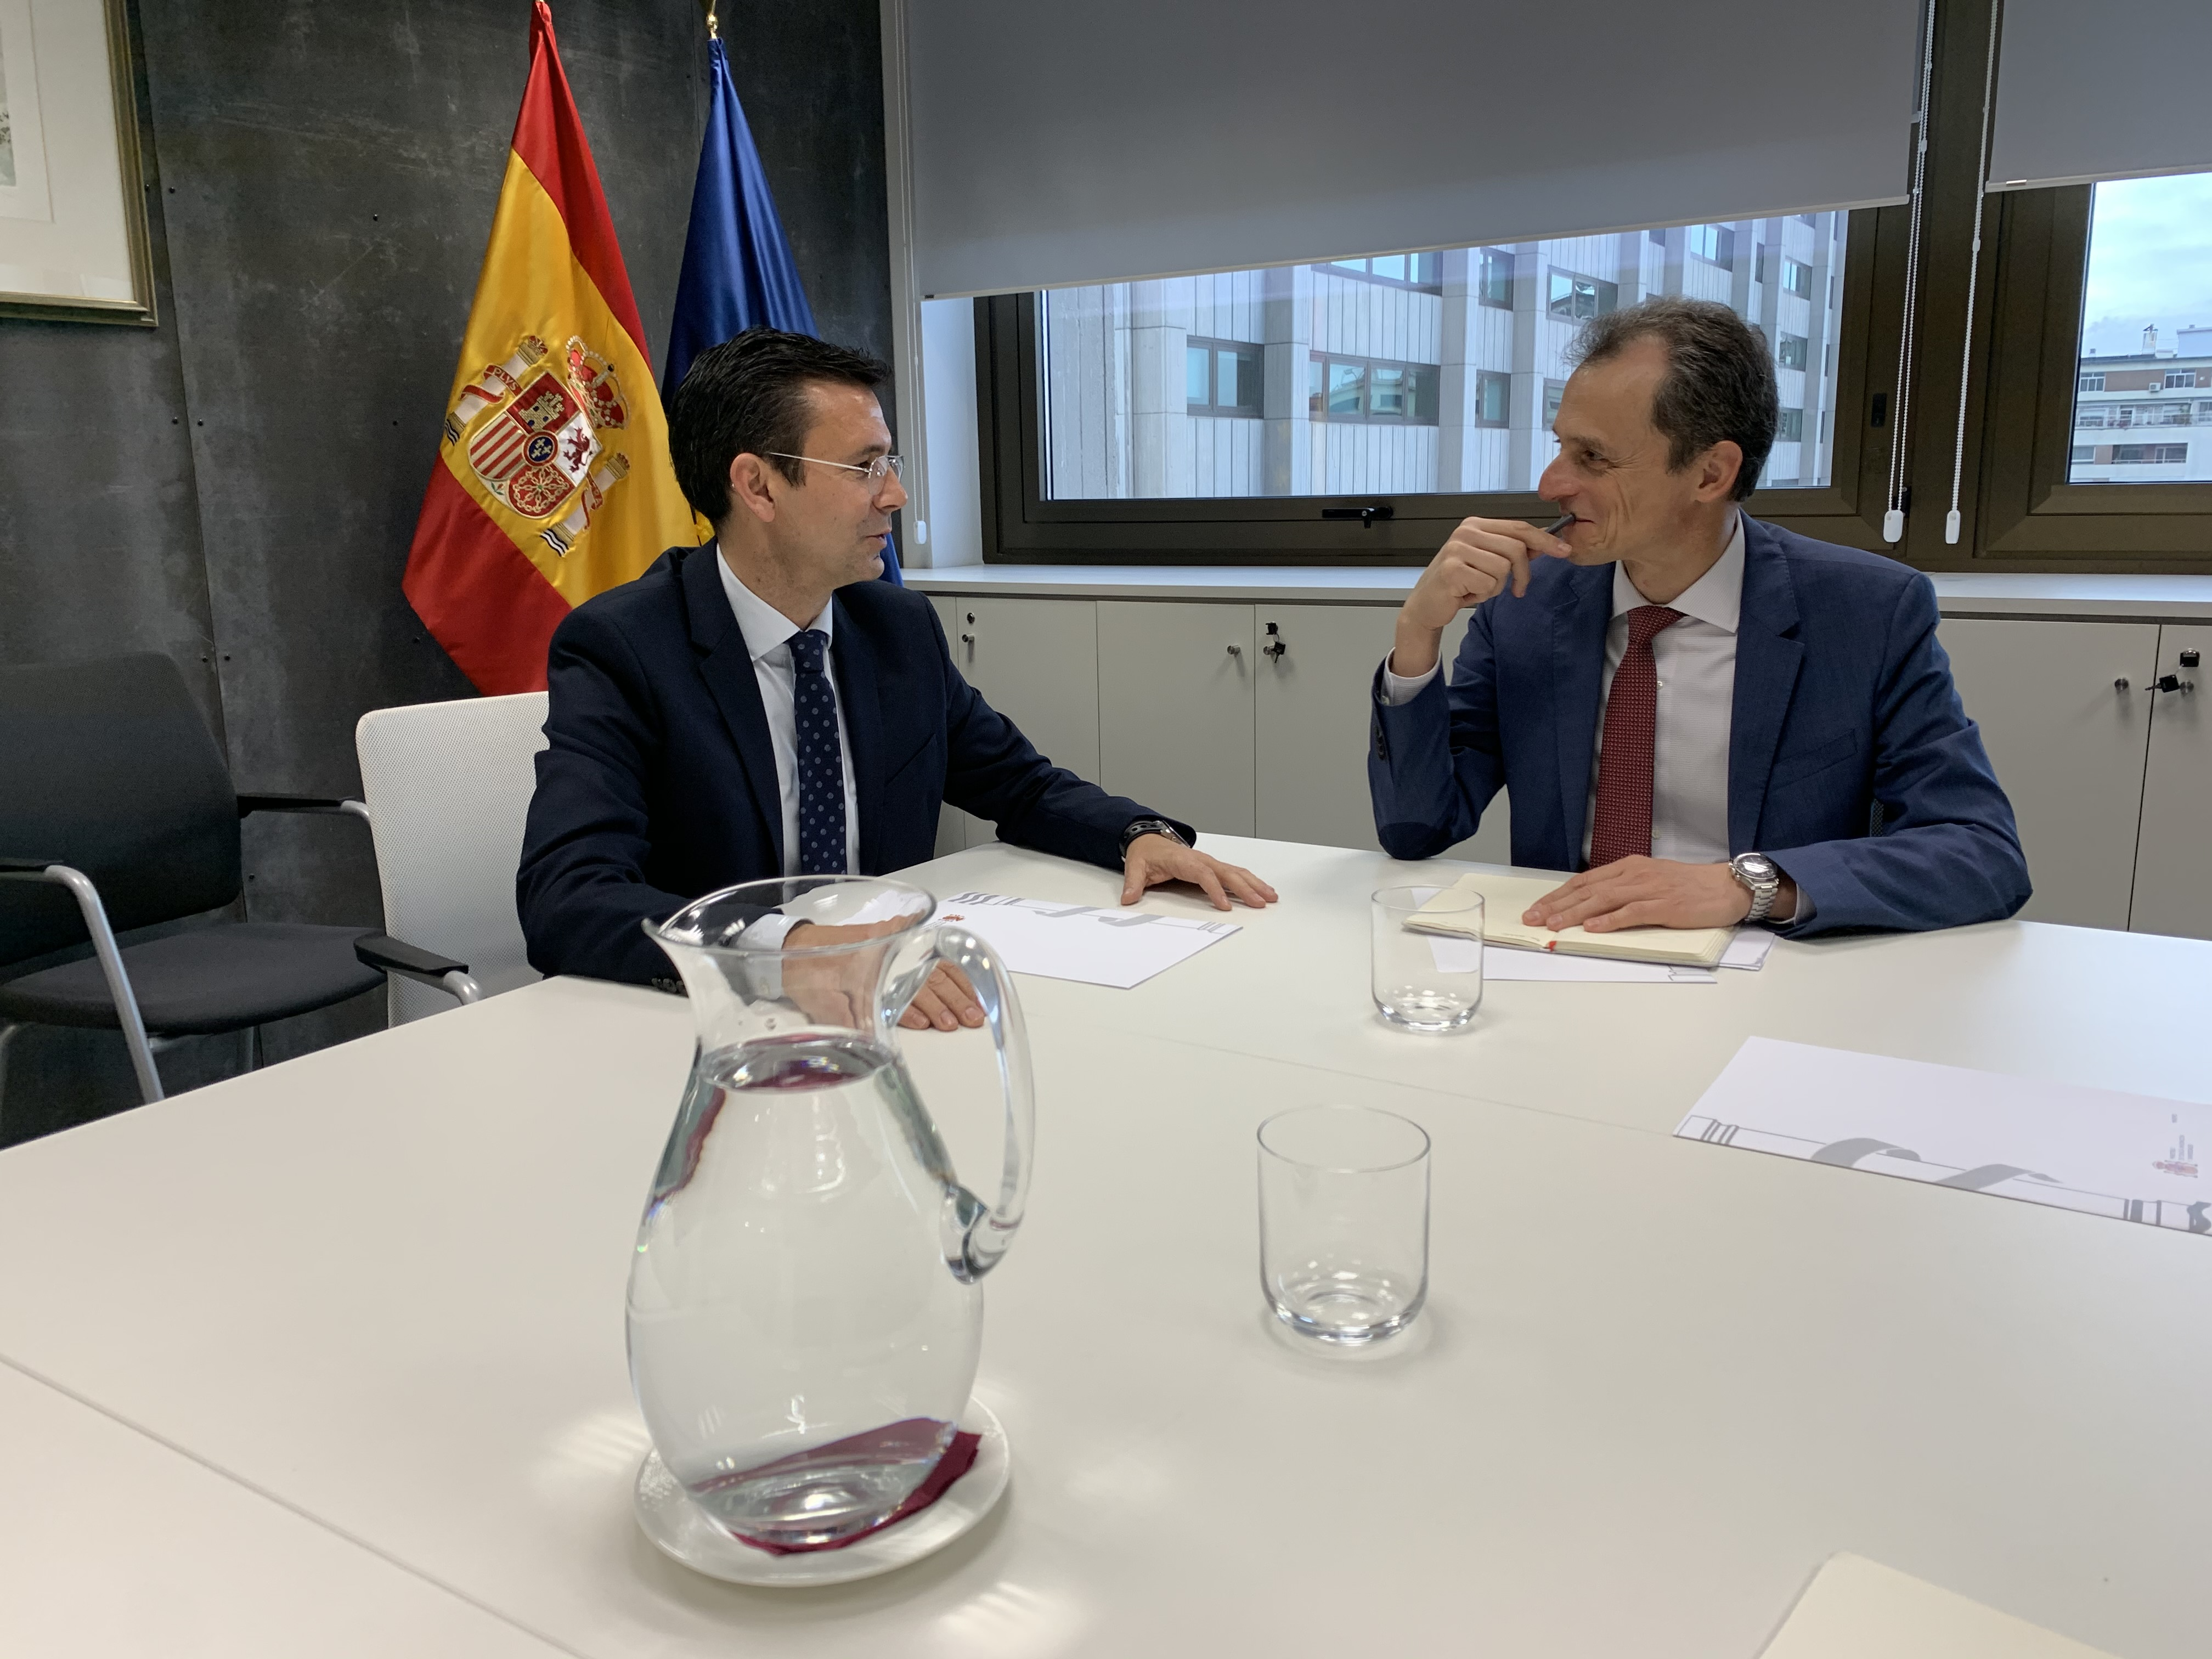 Cuenca comparte con el Ministro de Ciencia la necesidad de activar el consorcio para el acelerador de partículas